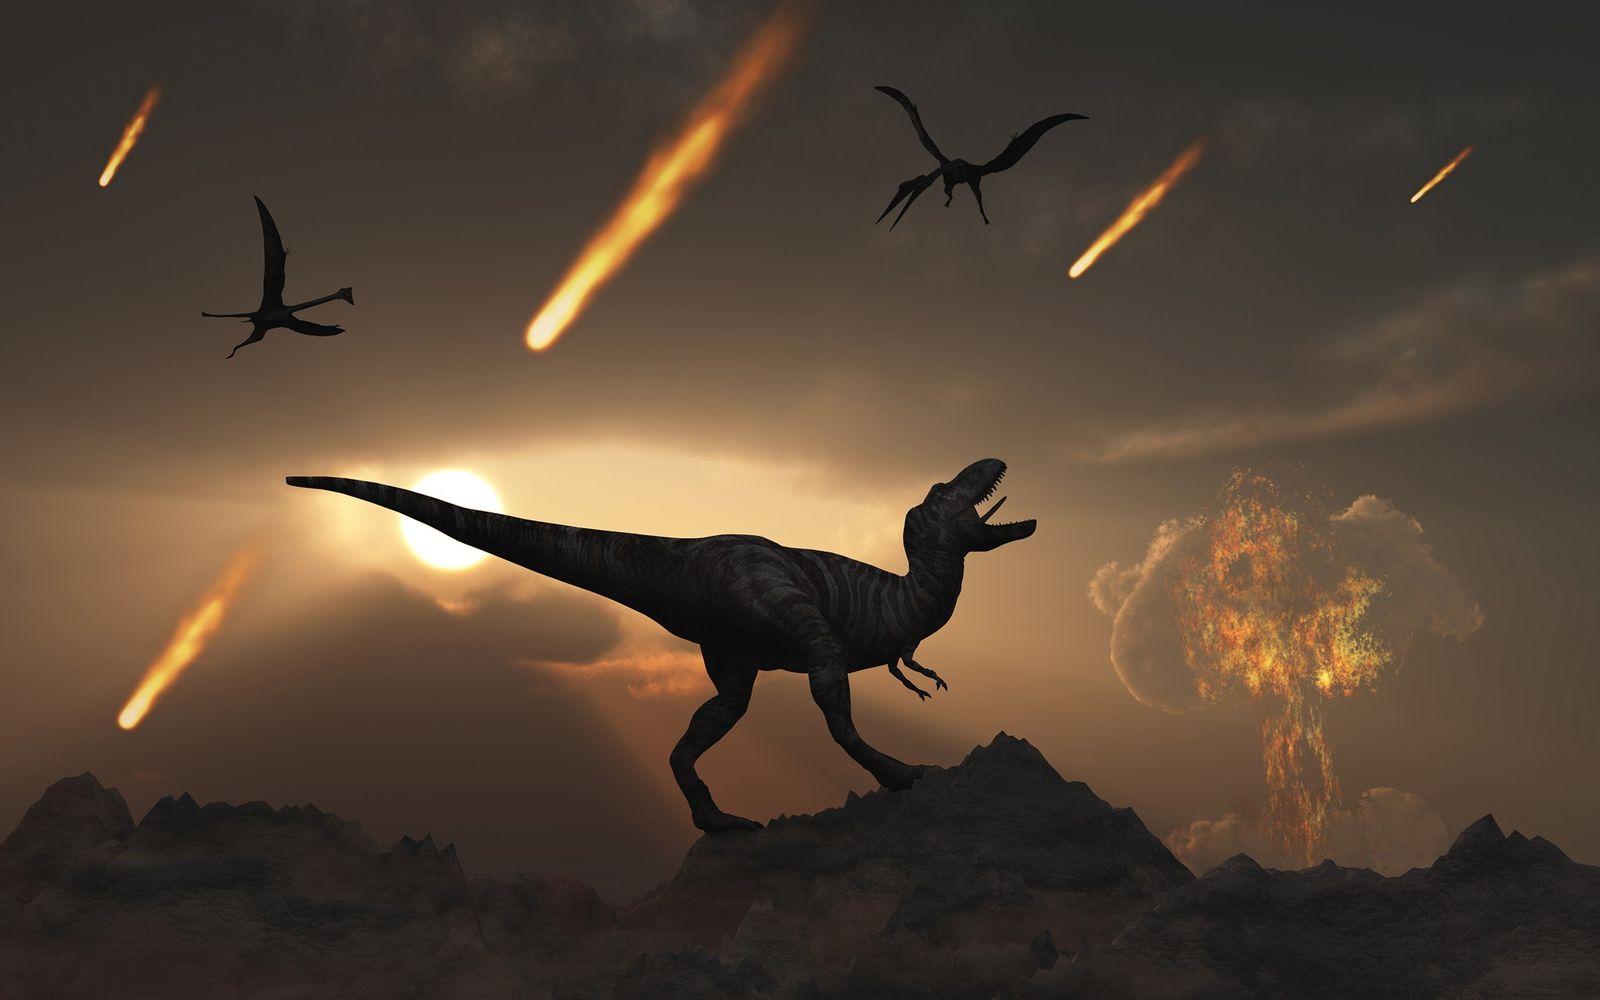 Les volcans auraient favorisé le rétablissement des espèces après l'extinction des dinosaures